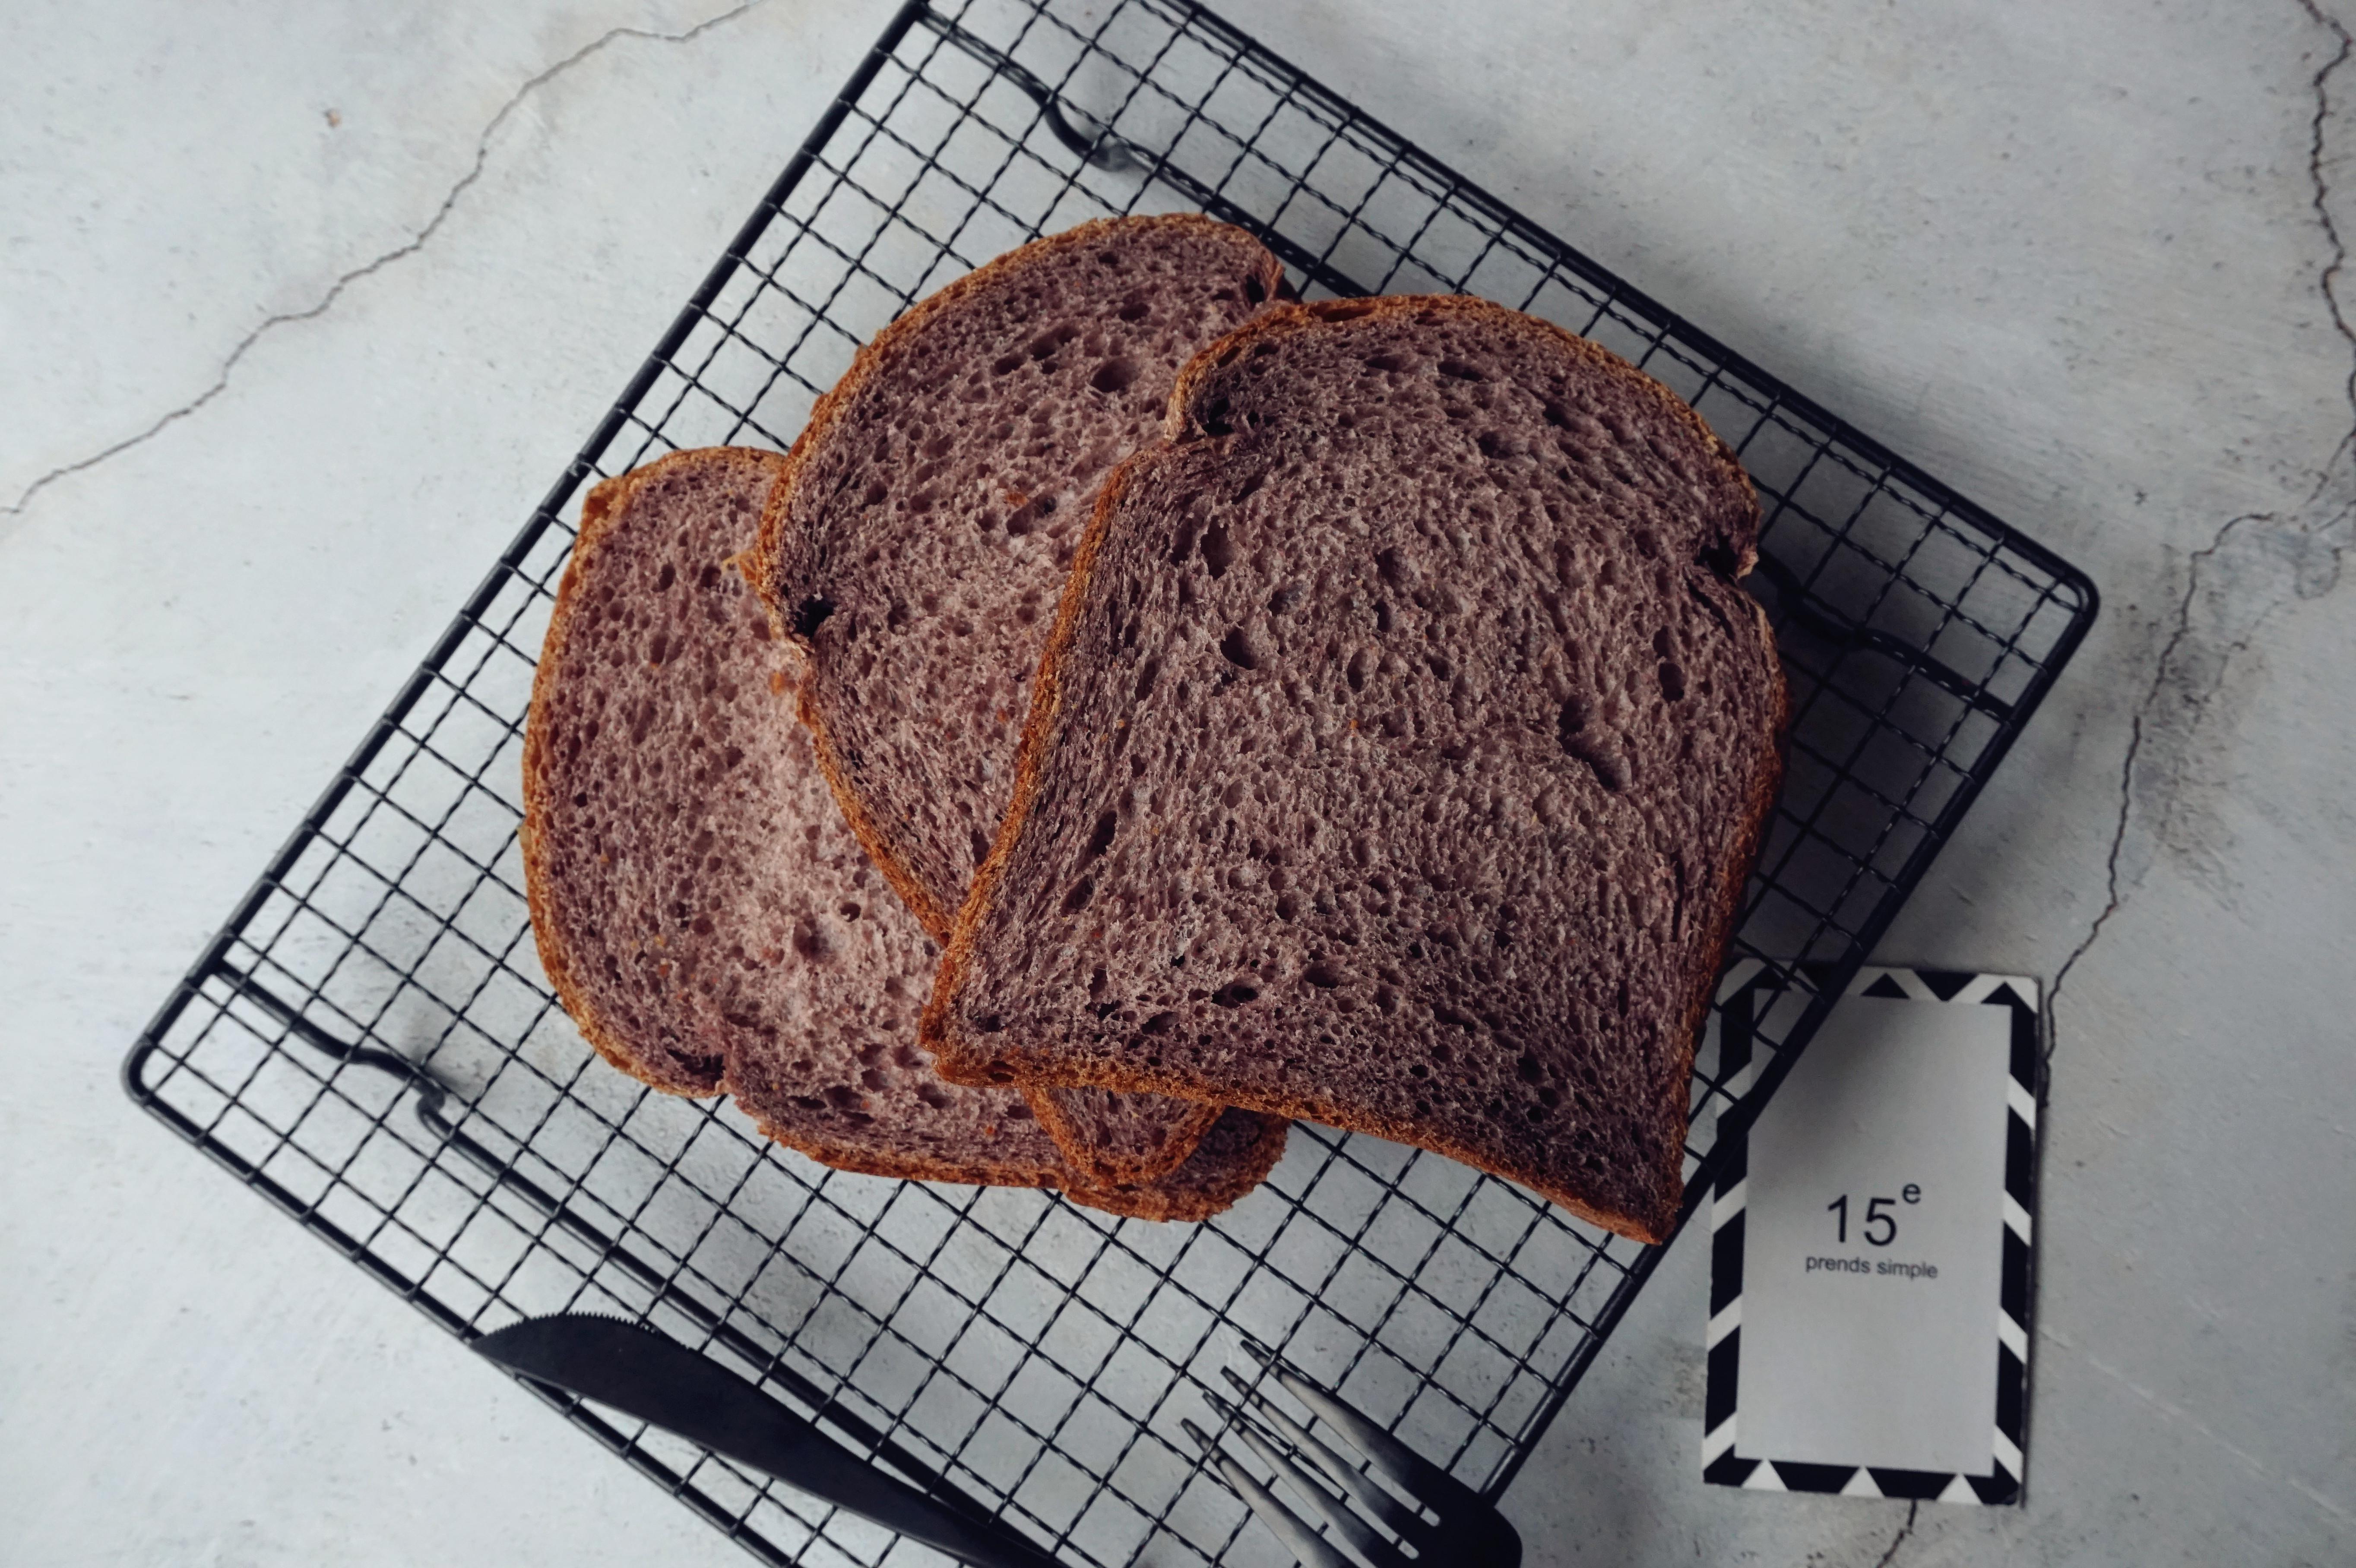 烘焙达人分享的这个配方,不用烤箱也能做出柔软好吃的粗粮面包